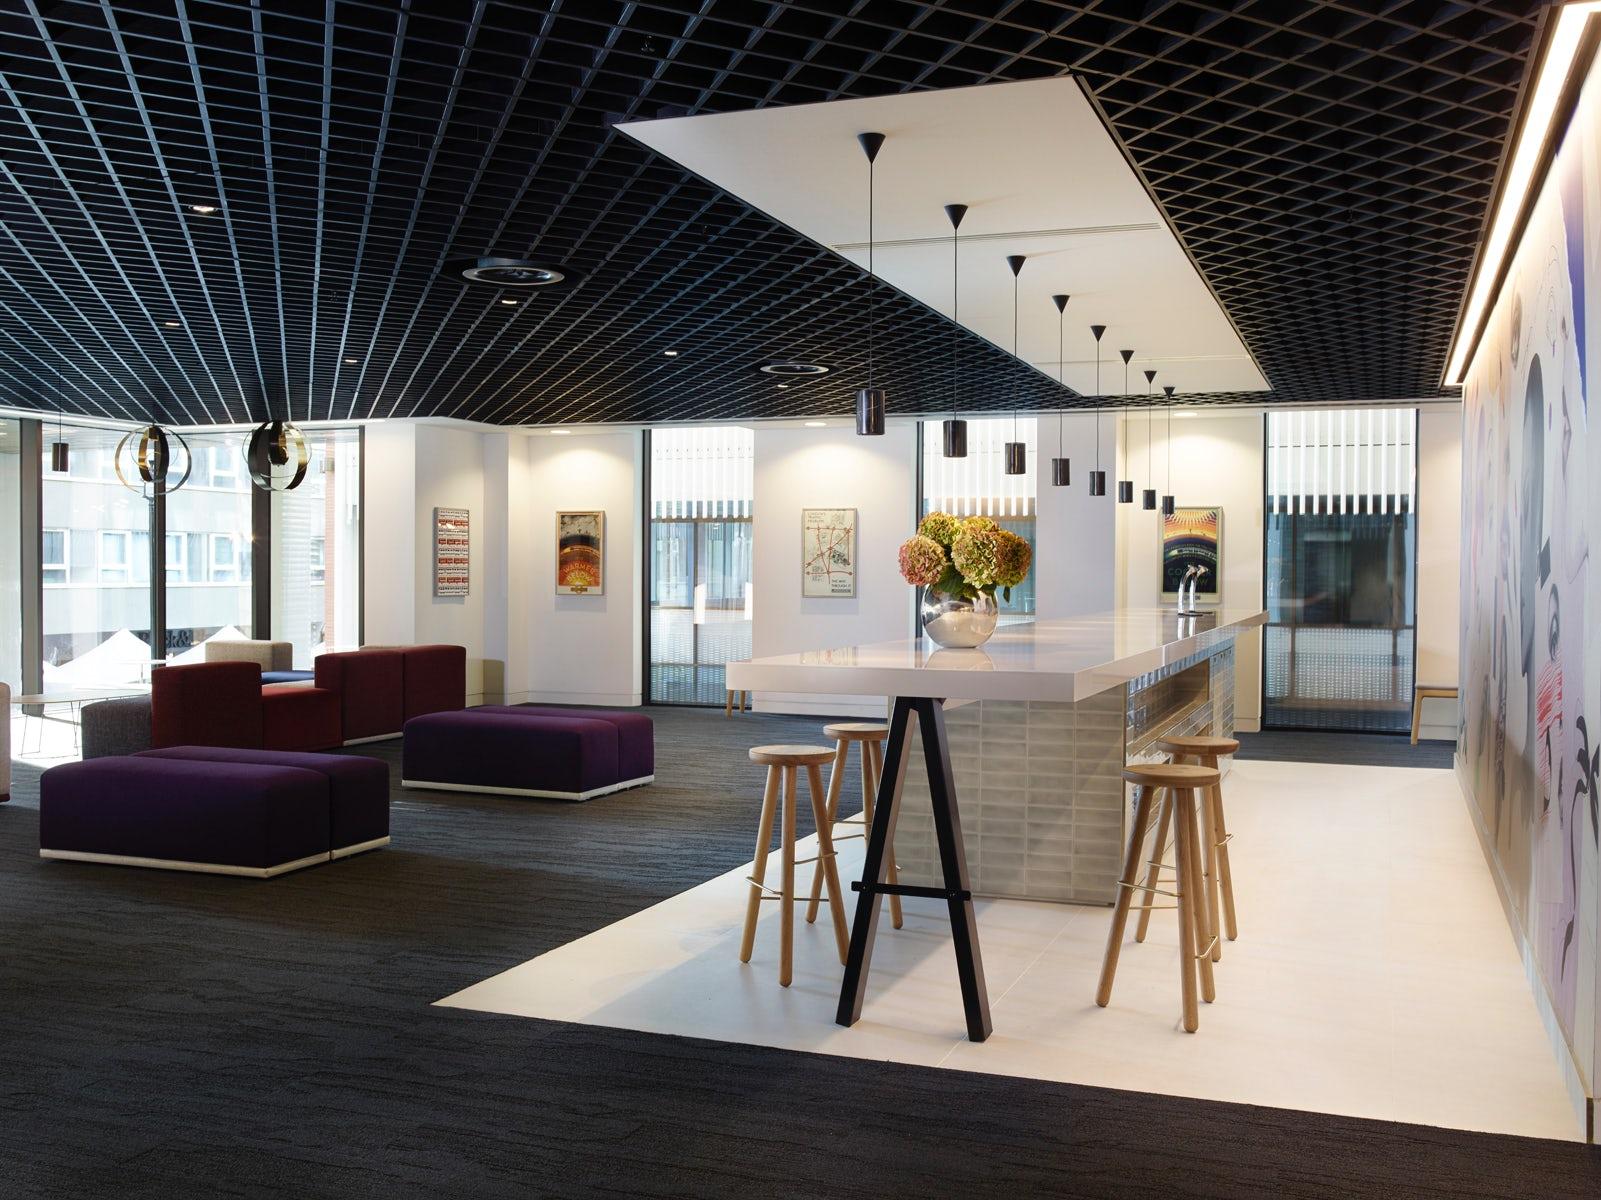 Estée Lauder Companies: A Home For Creative Talent